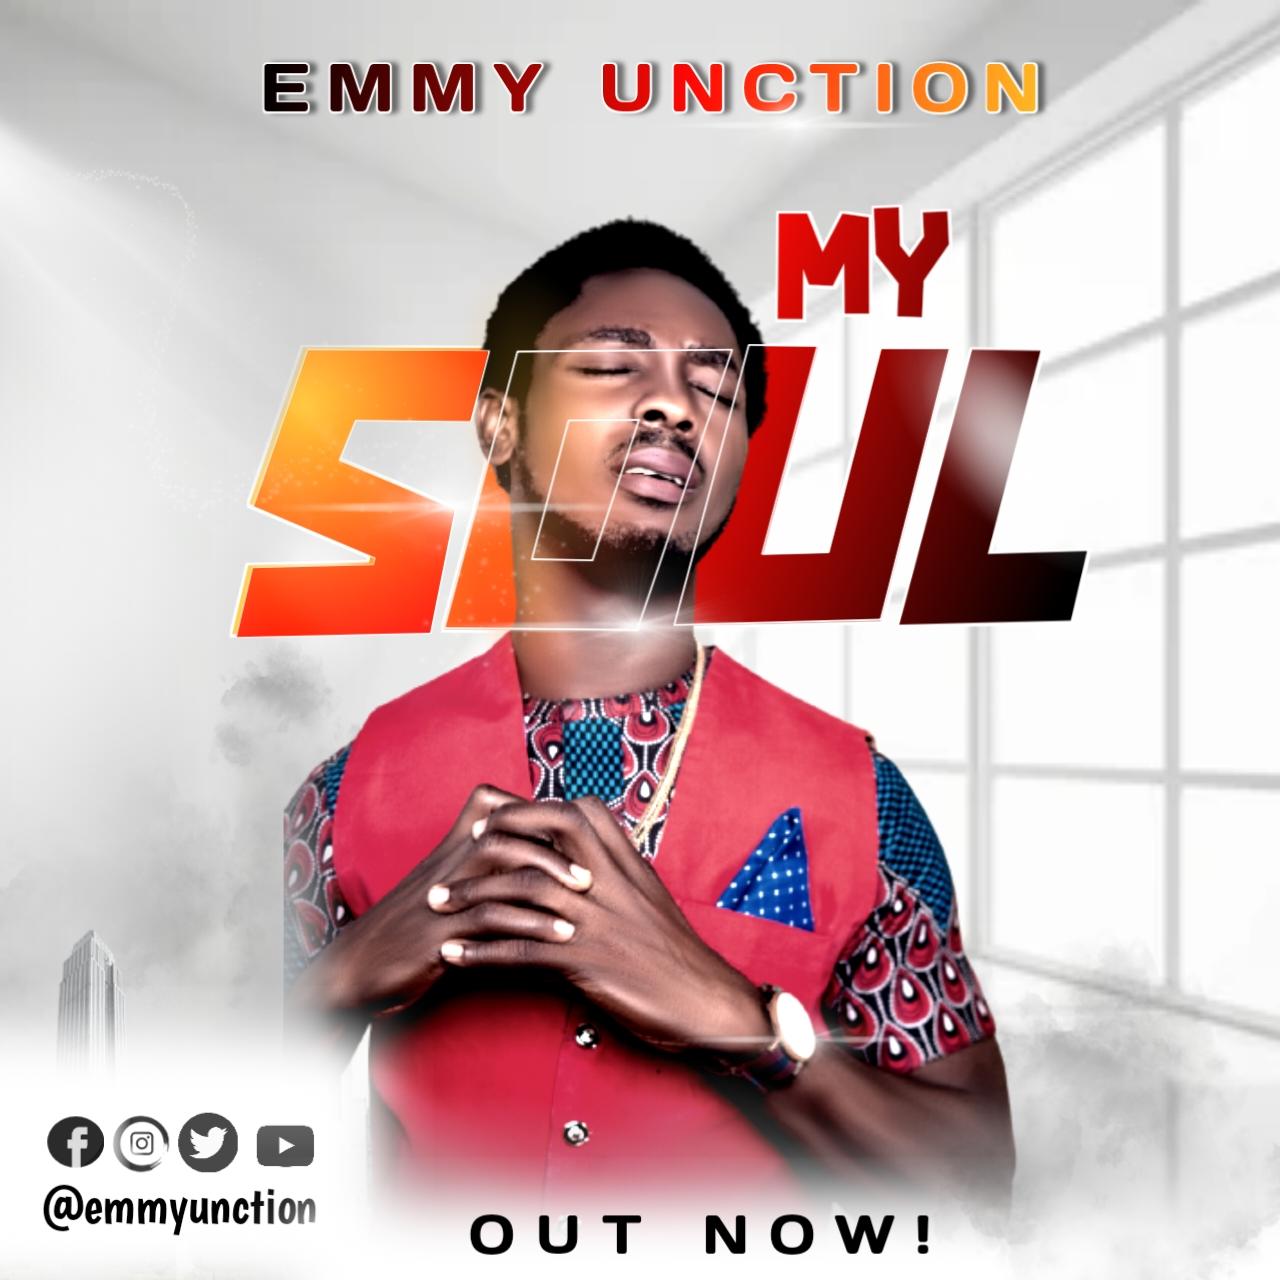 [Music] Emmy Unction - My soul (Prod. Stevekings)